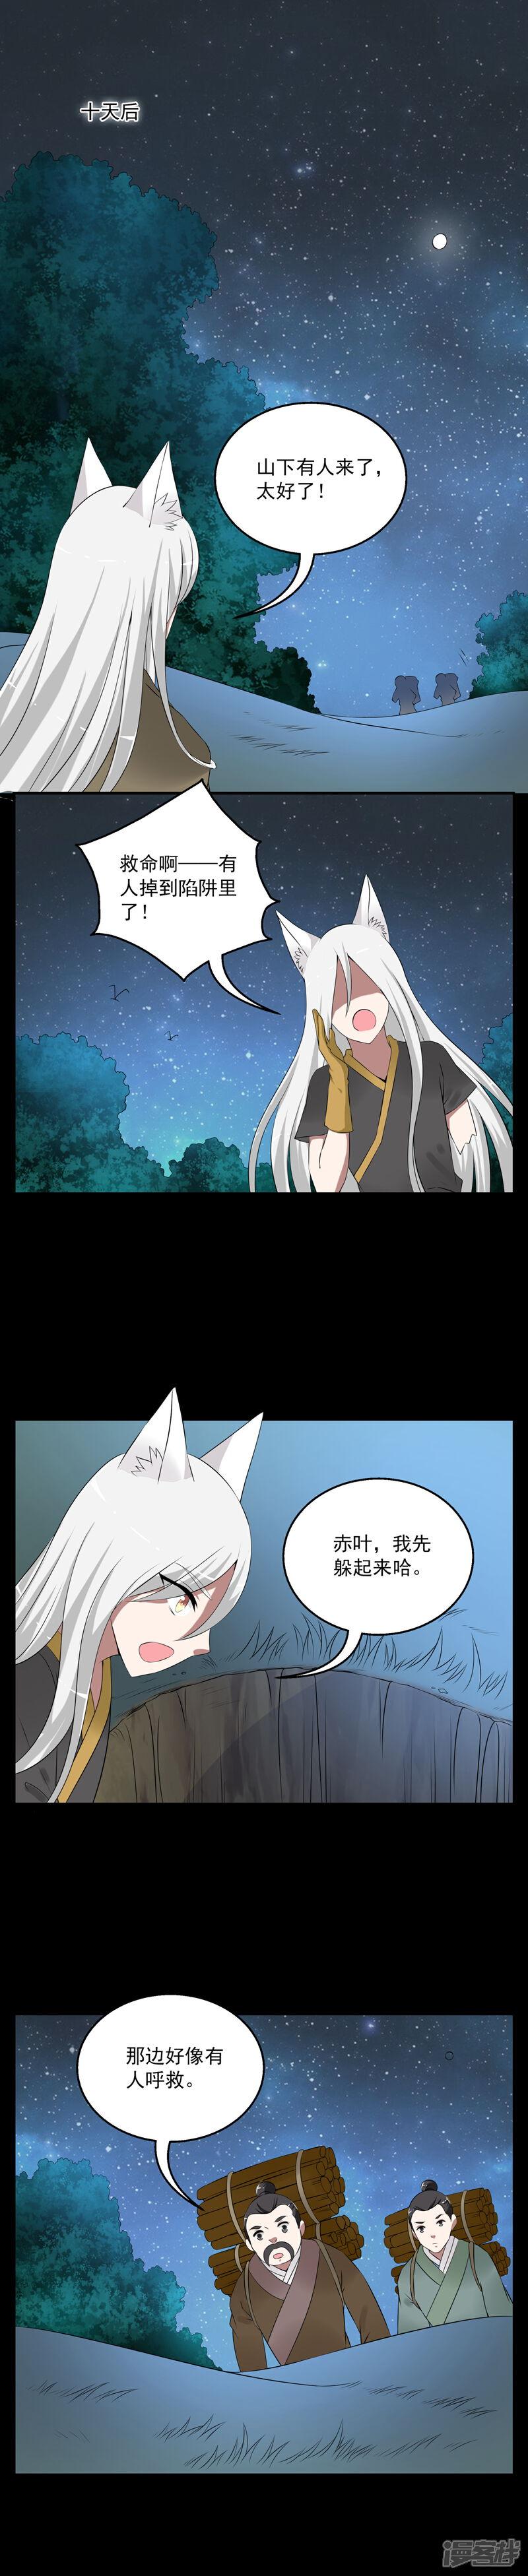 洛小妖181 (5).JPG